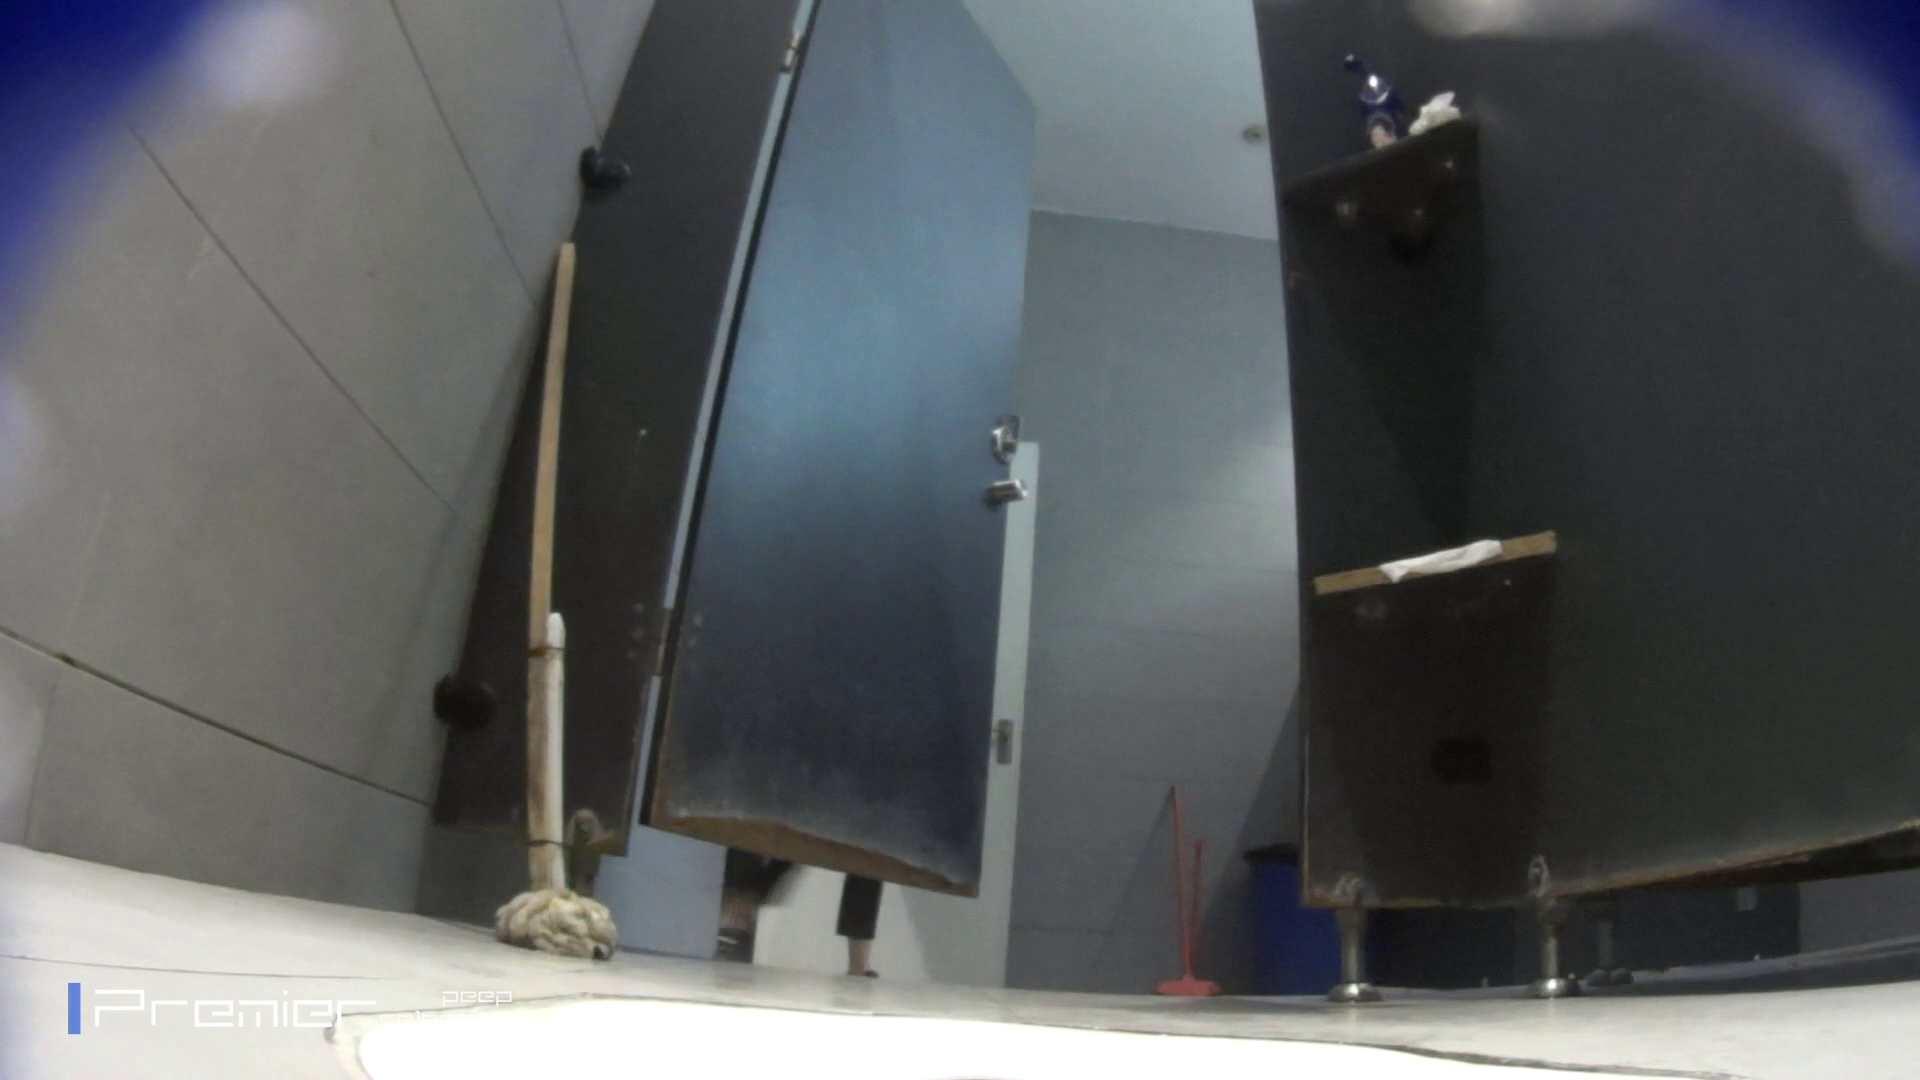 トイレットペーパーを握りしめ個室に入る乙女 大学休憩時間の洗面所事情83 盗撮 エロ画像 98pic 2